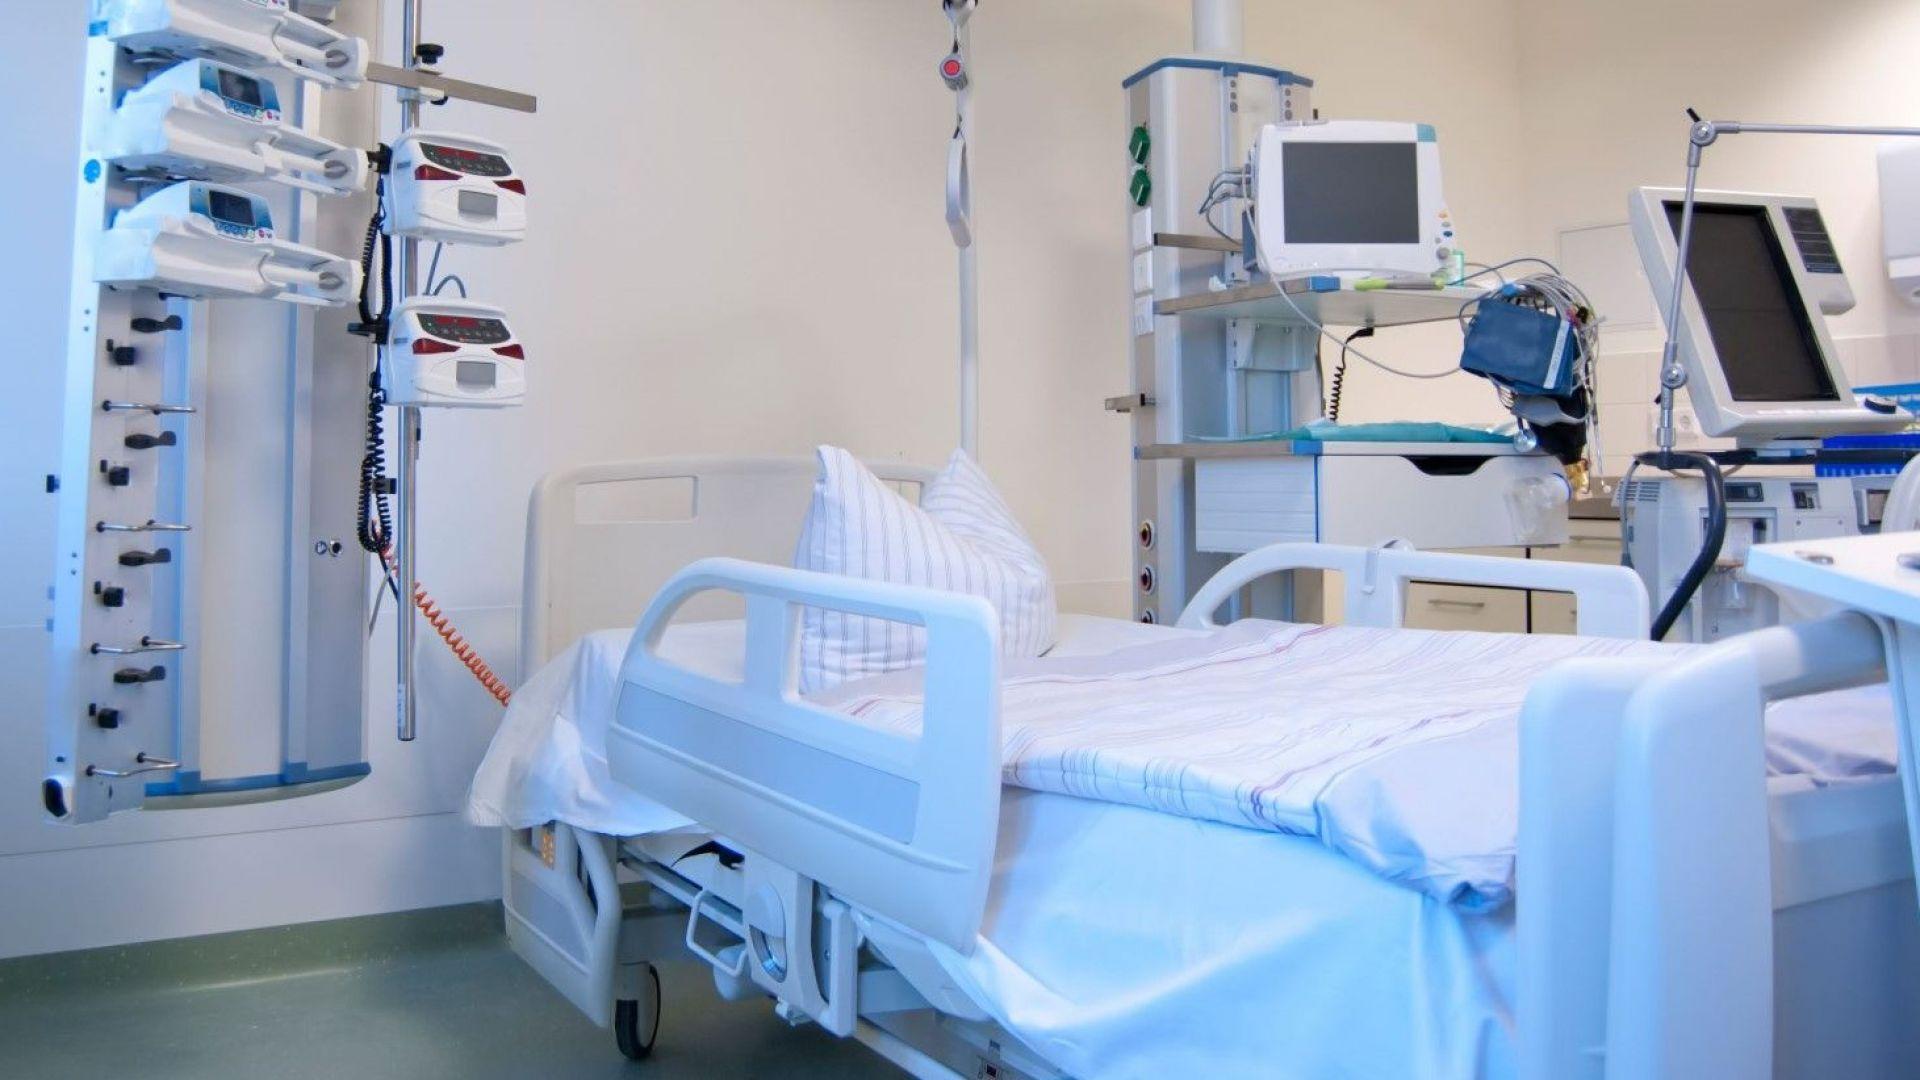 Българин е в критично състояние в кипърска болница след бой със сънародник